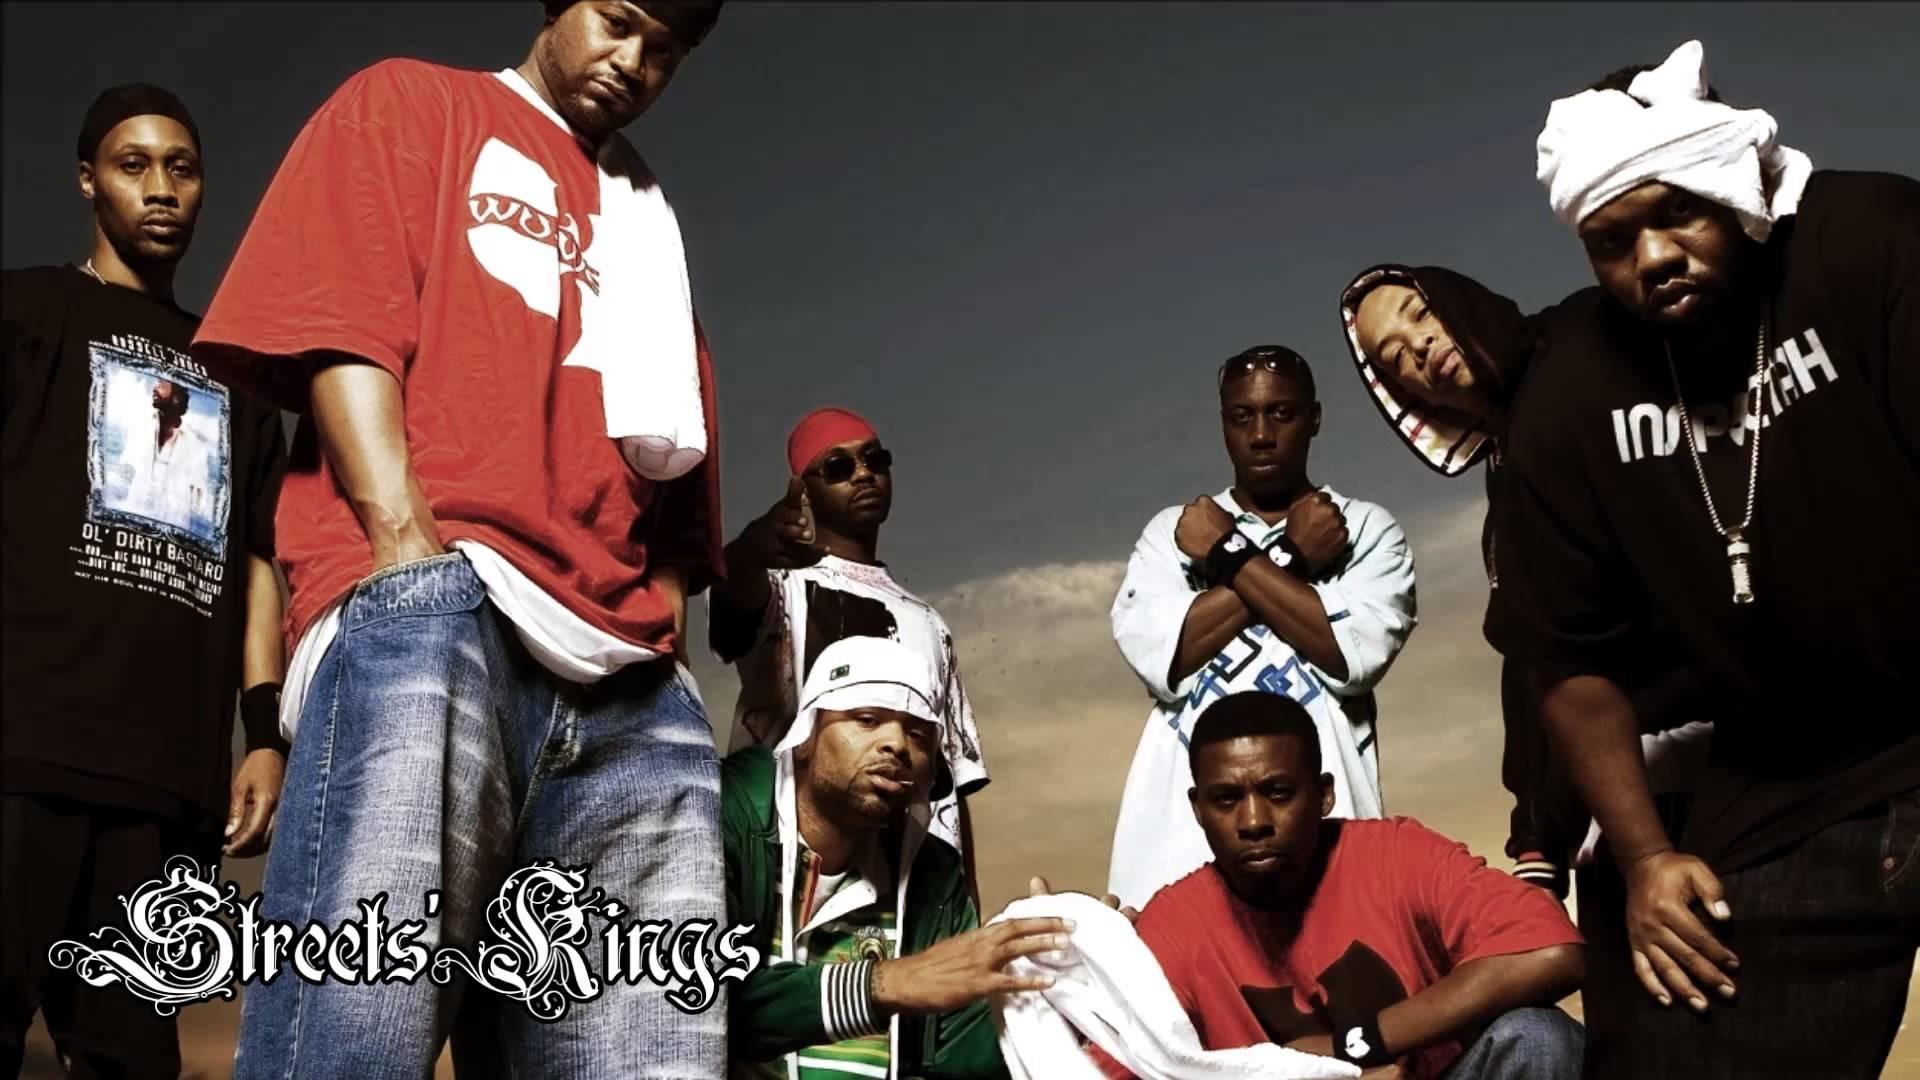 """""""Streets' Kings"""" – Hardcore – Old School – Gangsta Rap Beat – Prod. by  Alexander – YouTube"""